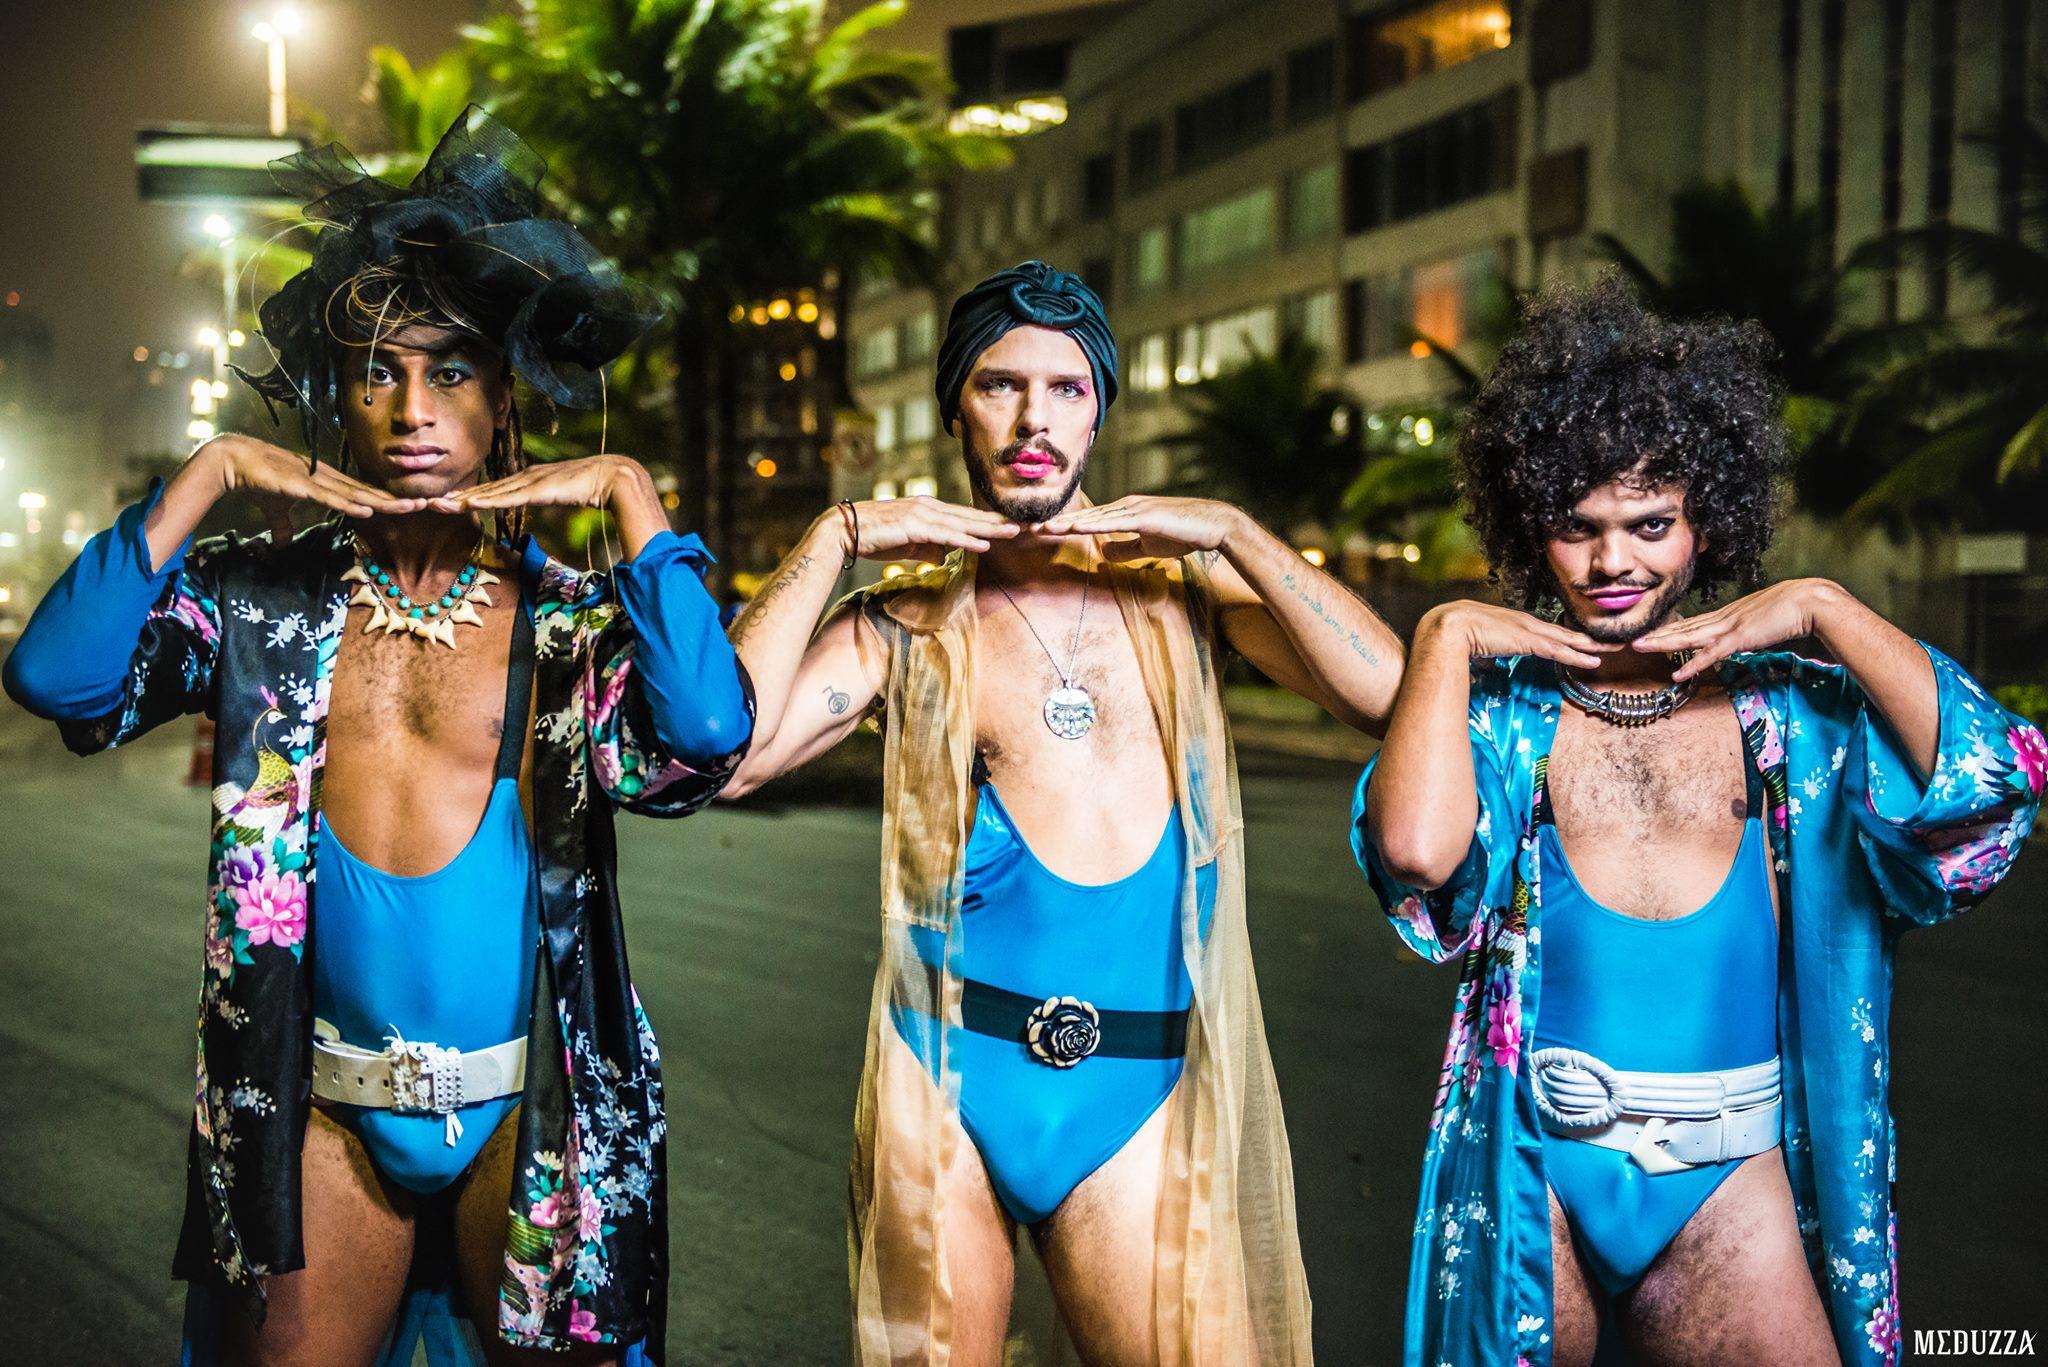 Grupo #NãoRecomendados se apresenta no Festival Transborda de Cultura sem Gênero, no Top Teatro, em São Paulo